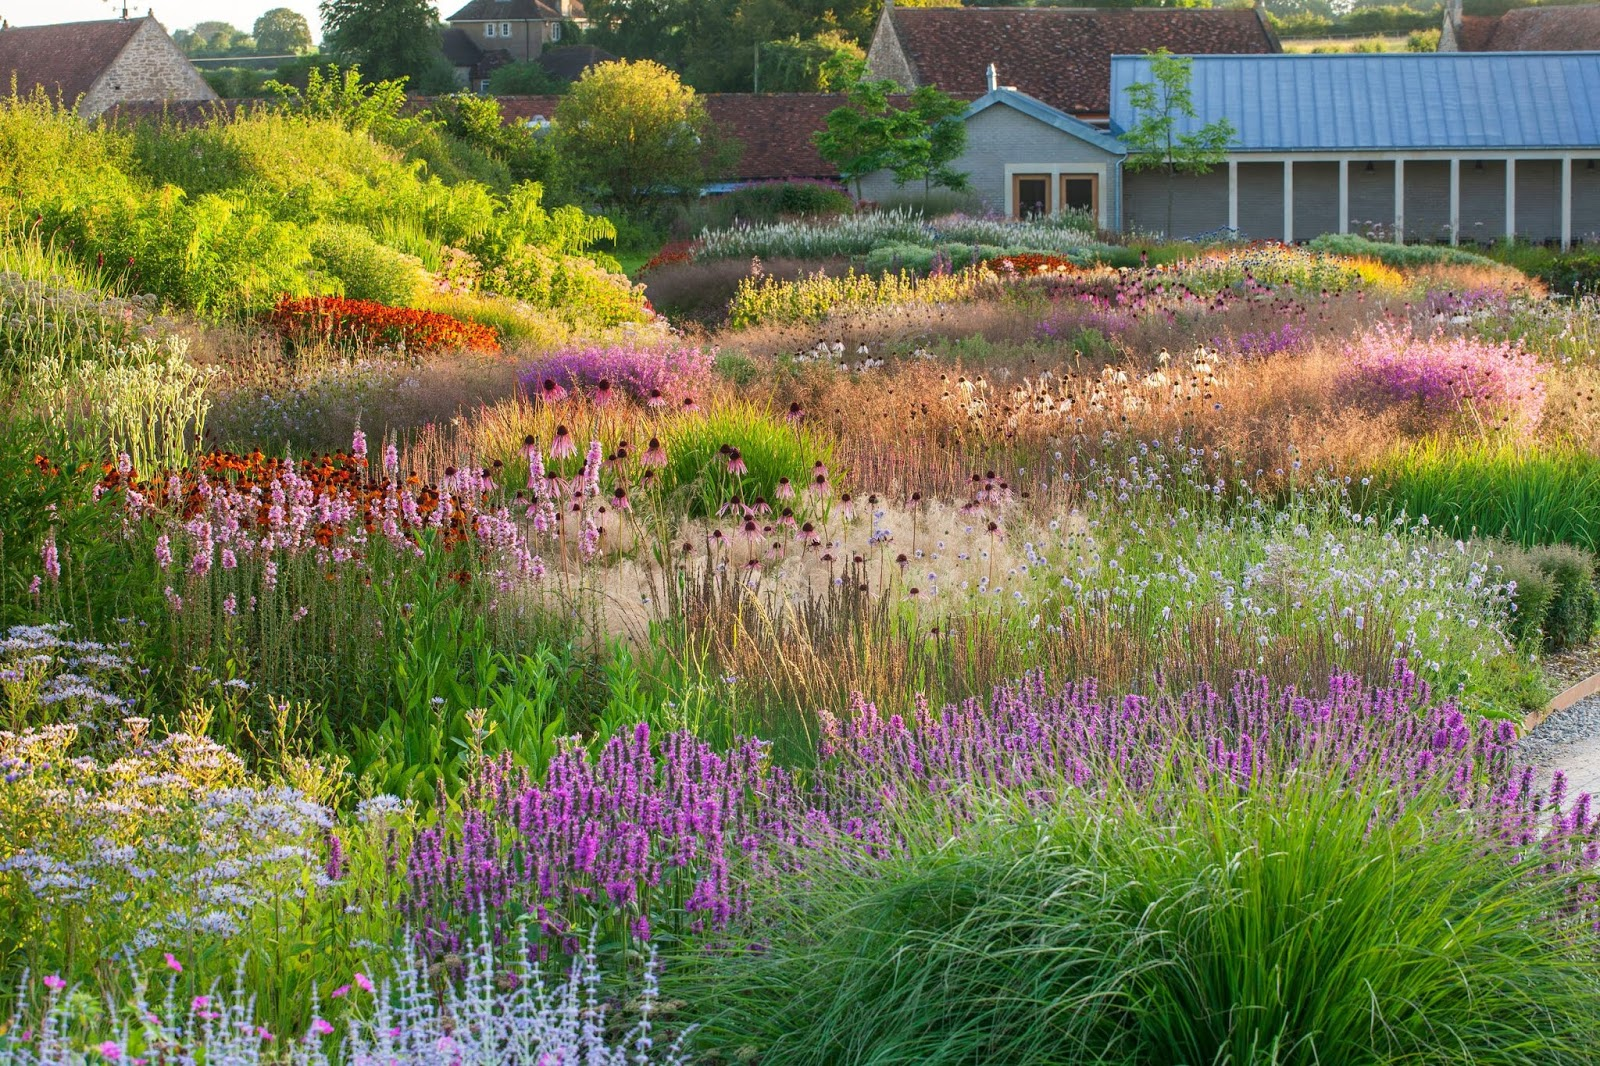 Jardín naturalista de Oudolf con herbáceas vivaces y gramíneas ornamentales en verano